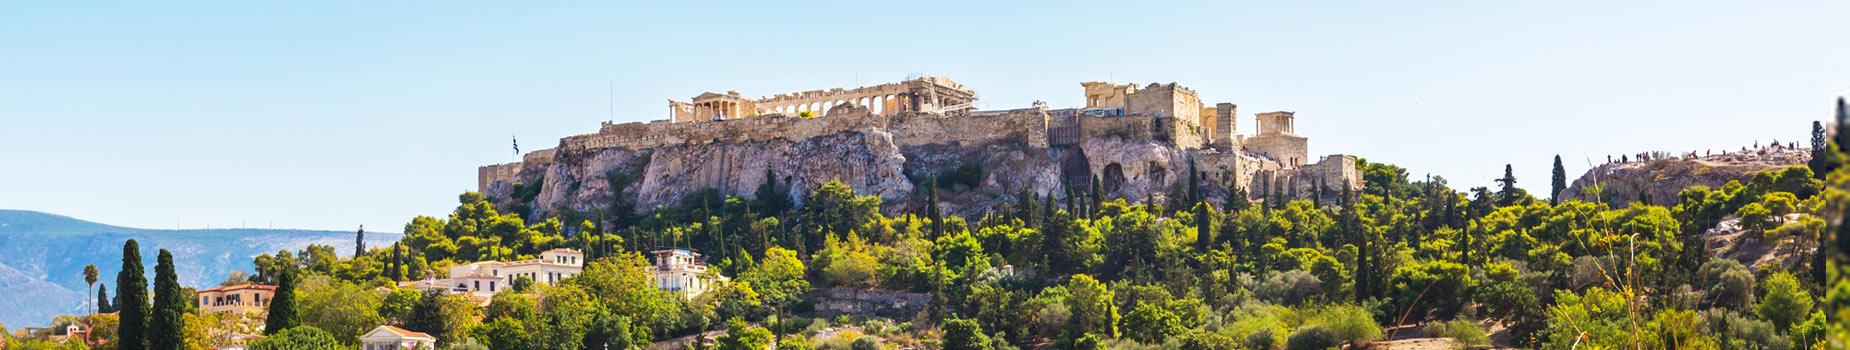 Vlieg busreis Griekenland